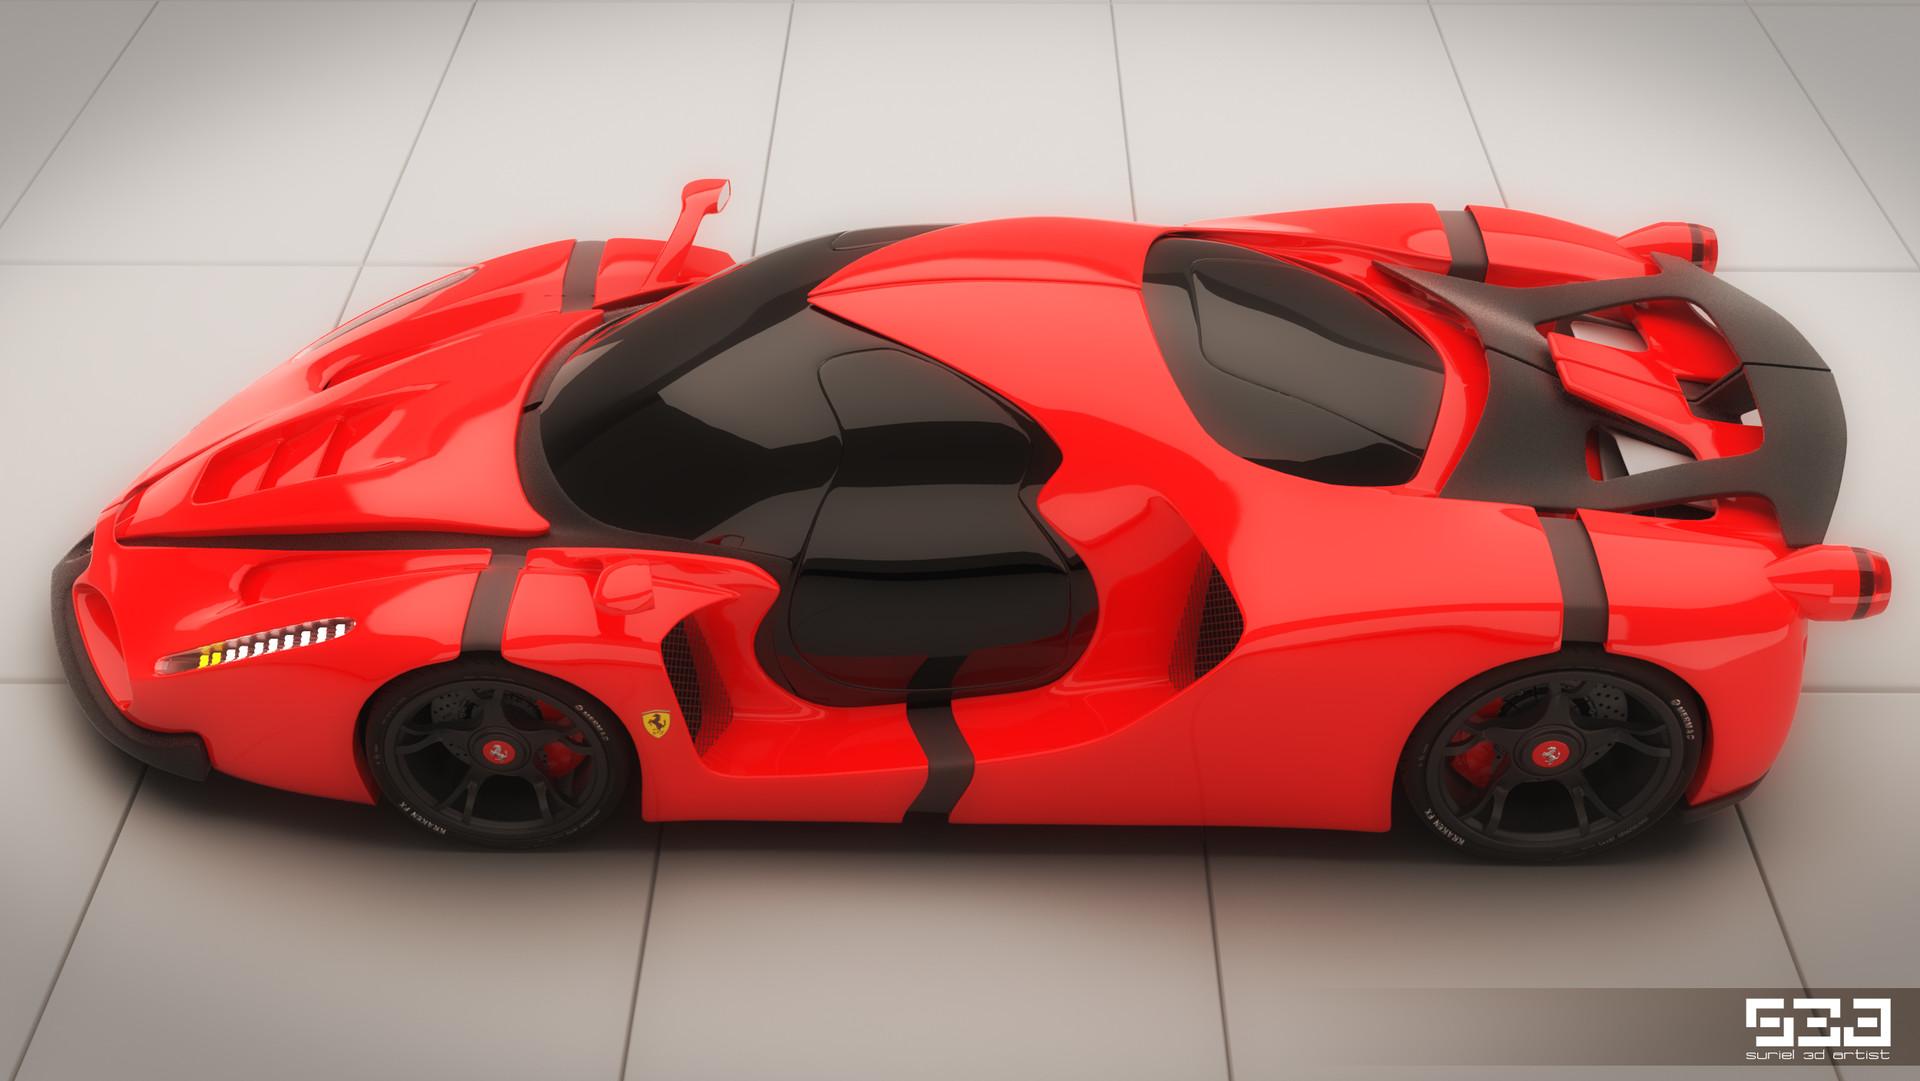 Hector Suriel Ferrari Enzo Gt Concept Hector Suriel